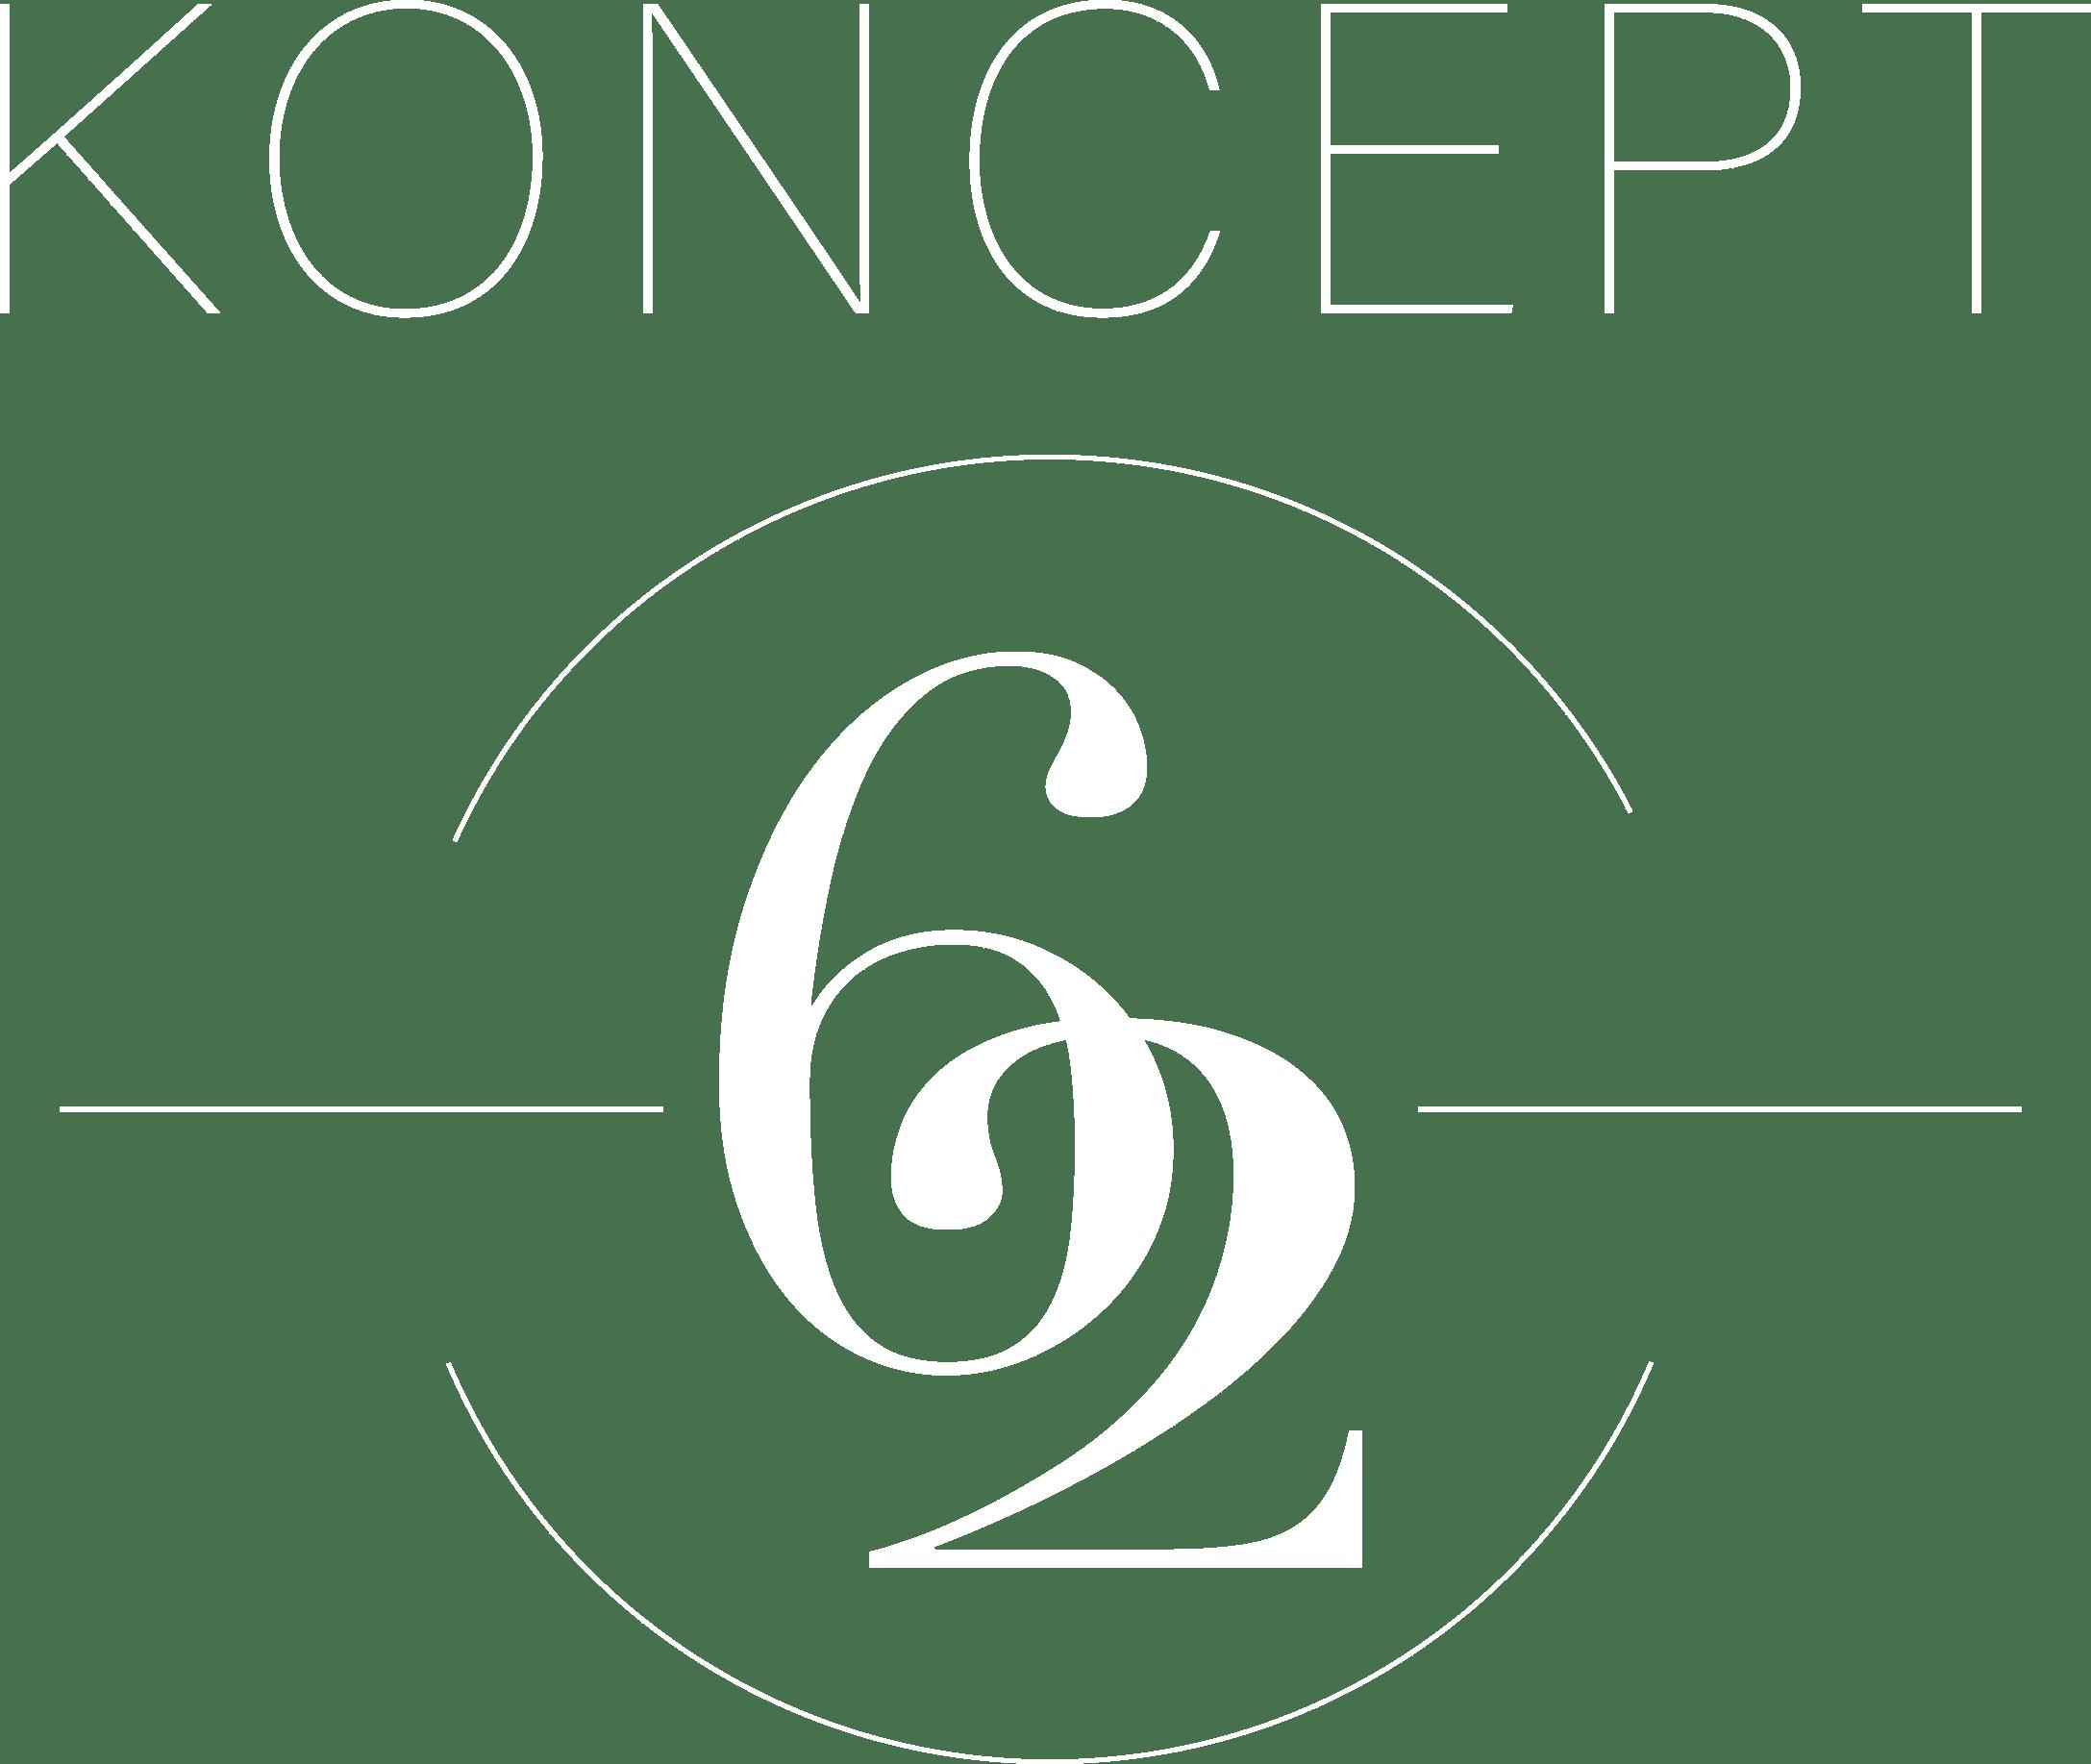 Koncept 62